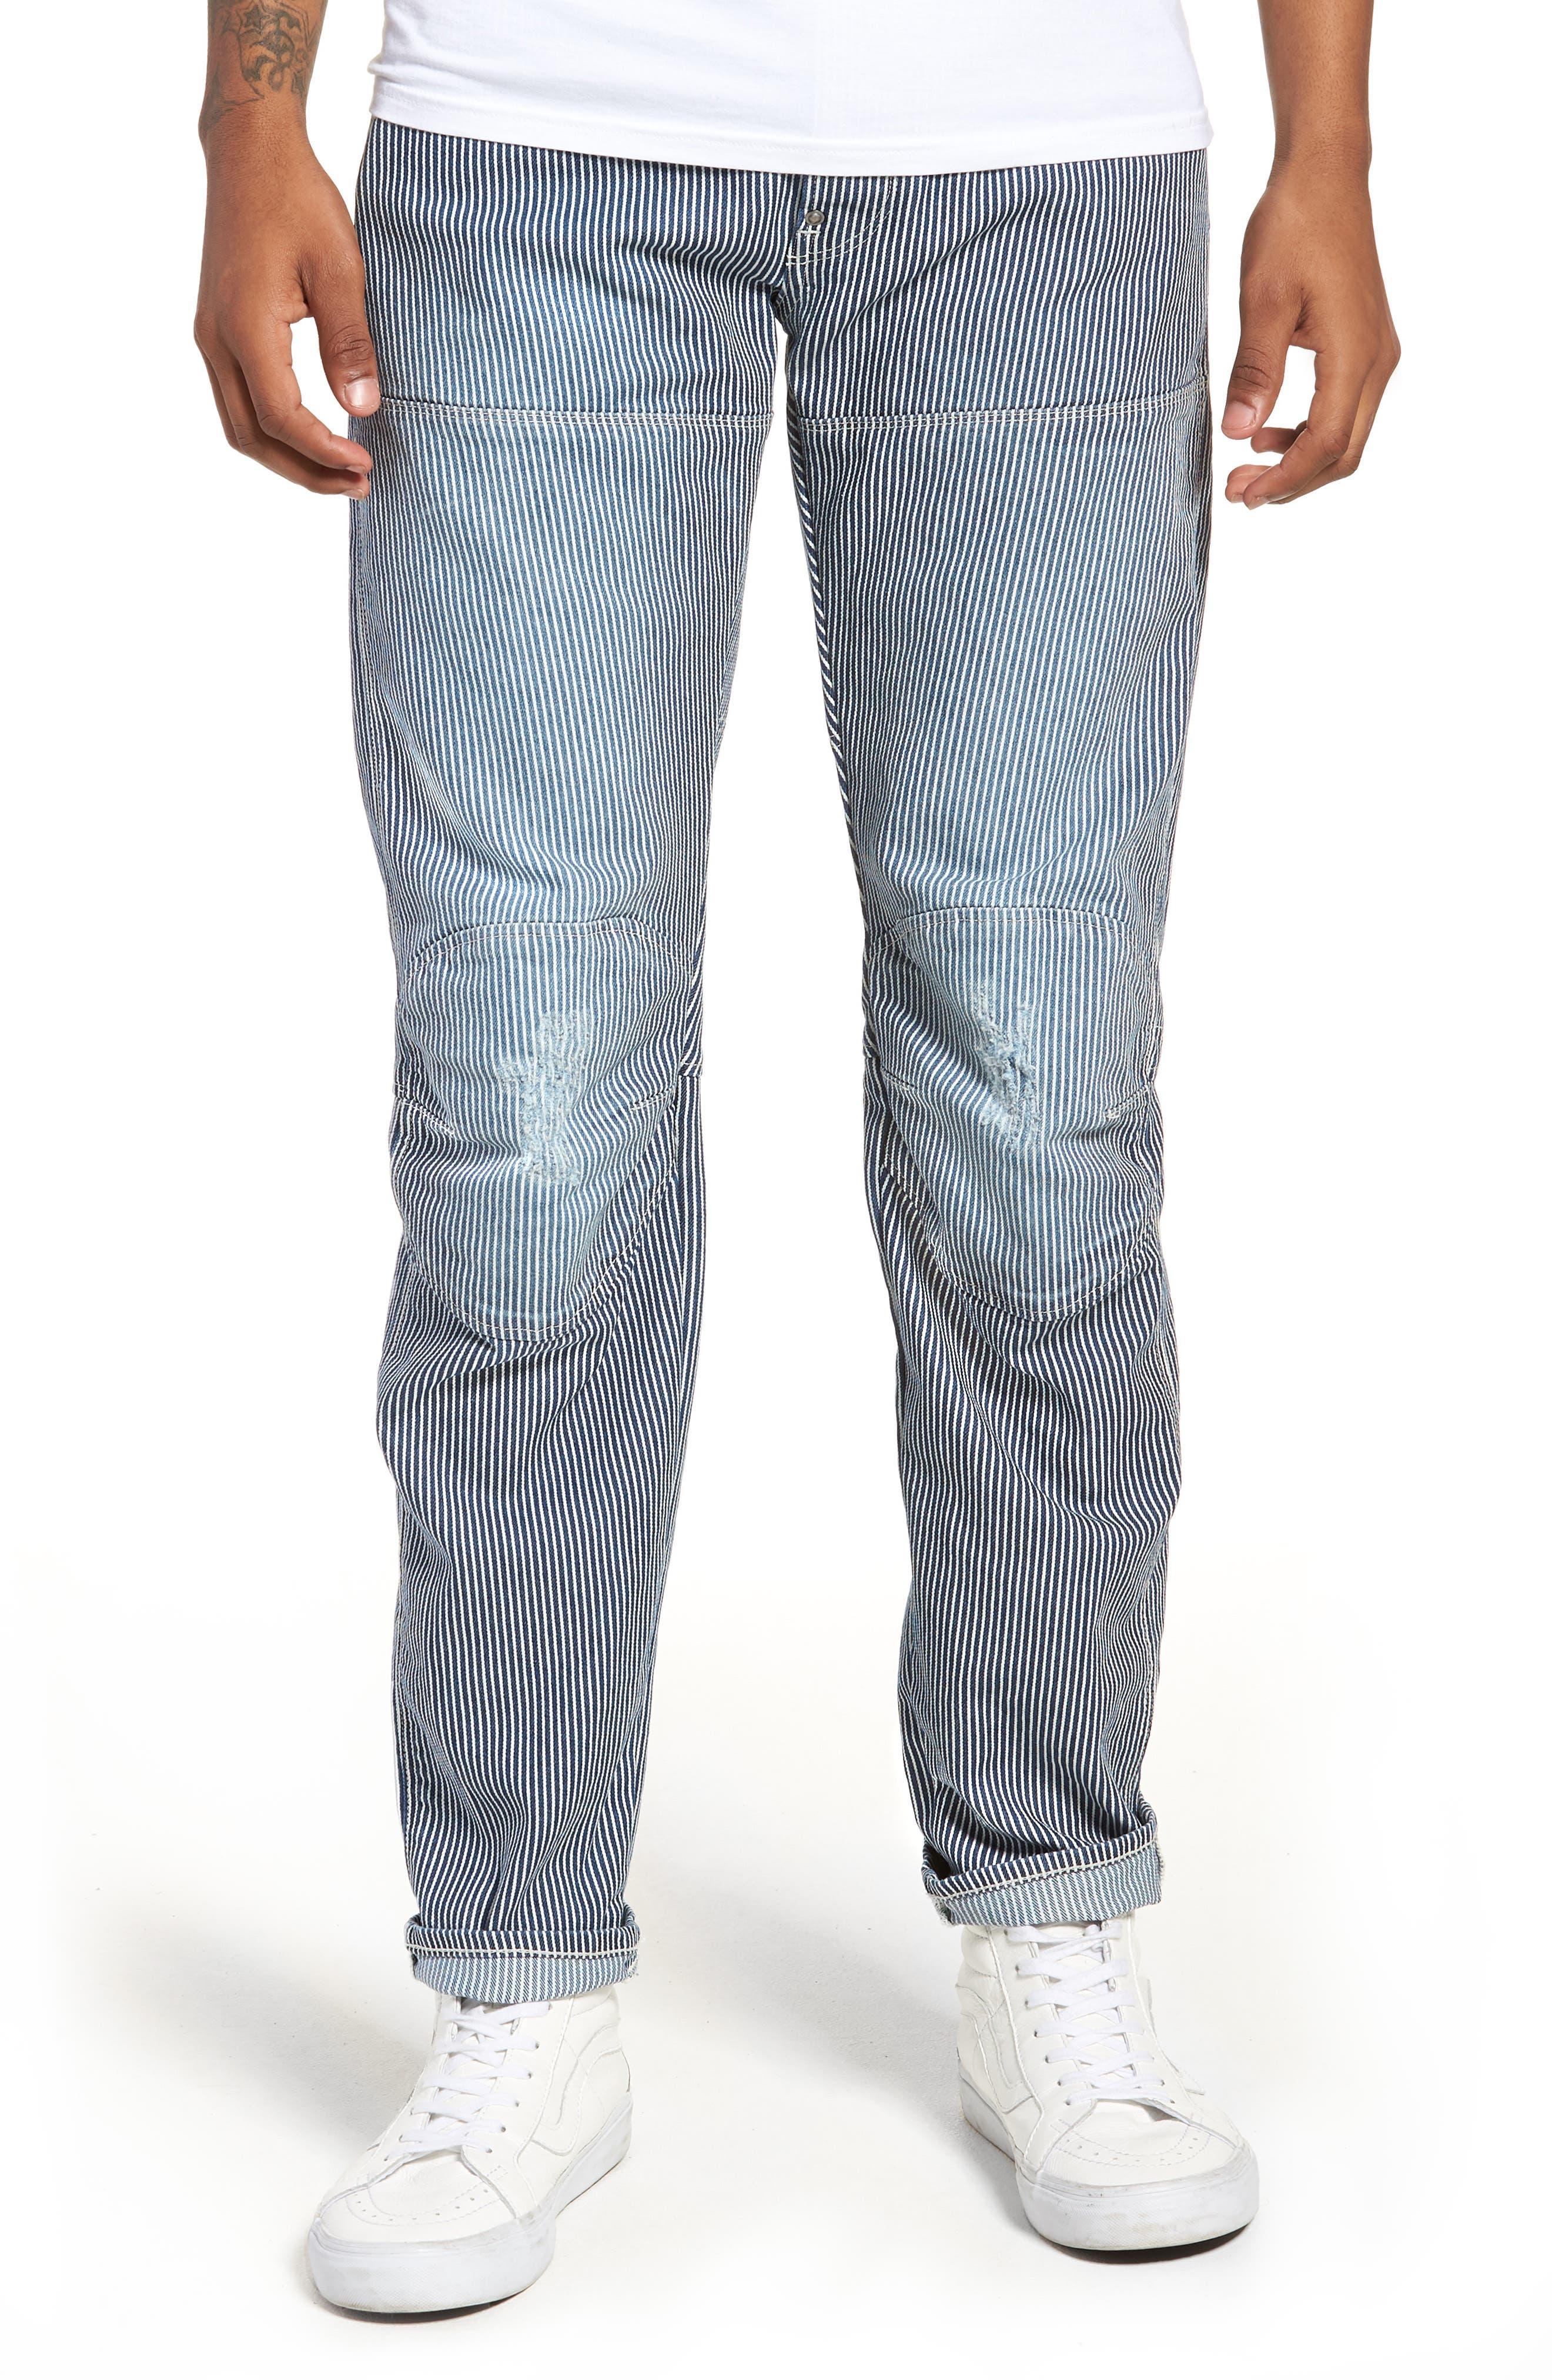 3D Slim Pants,                         Main,                         color, Medium Aged Destroy